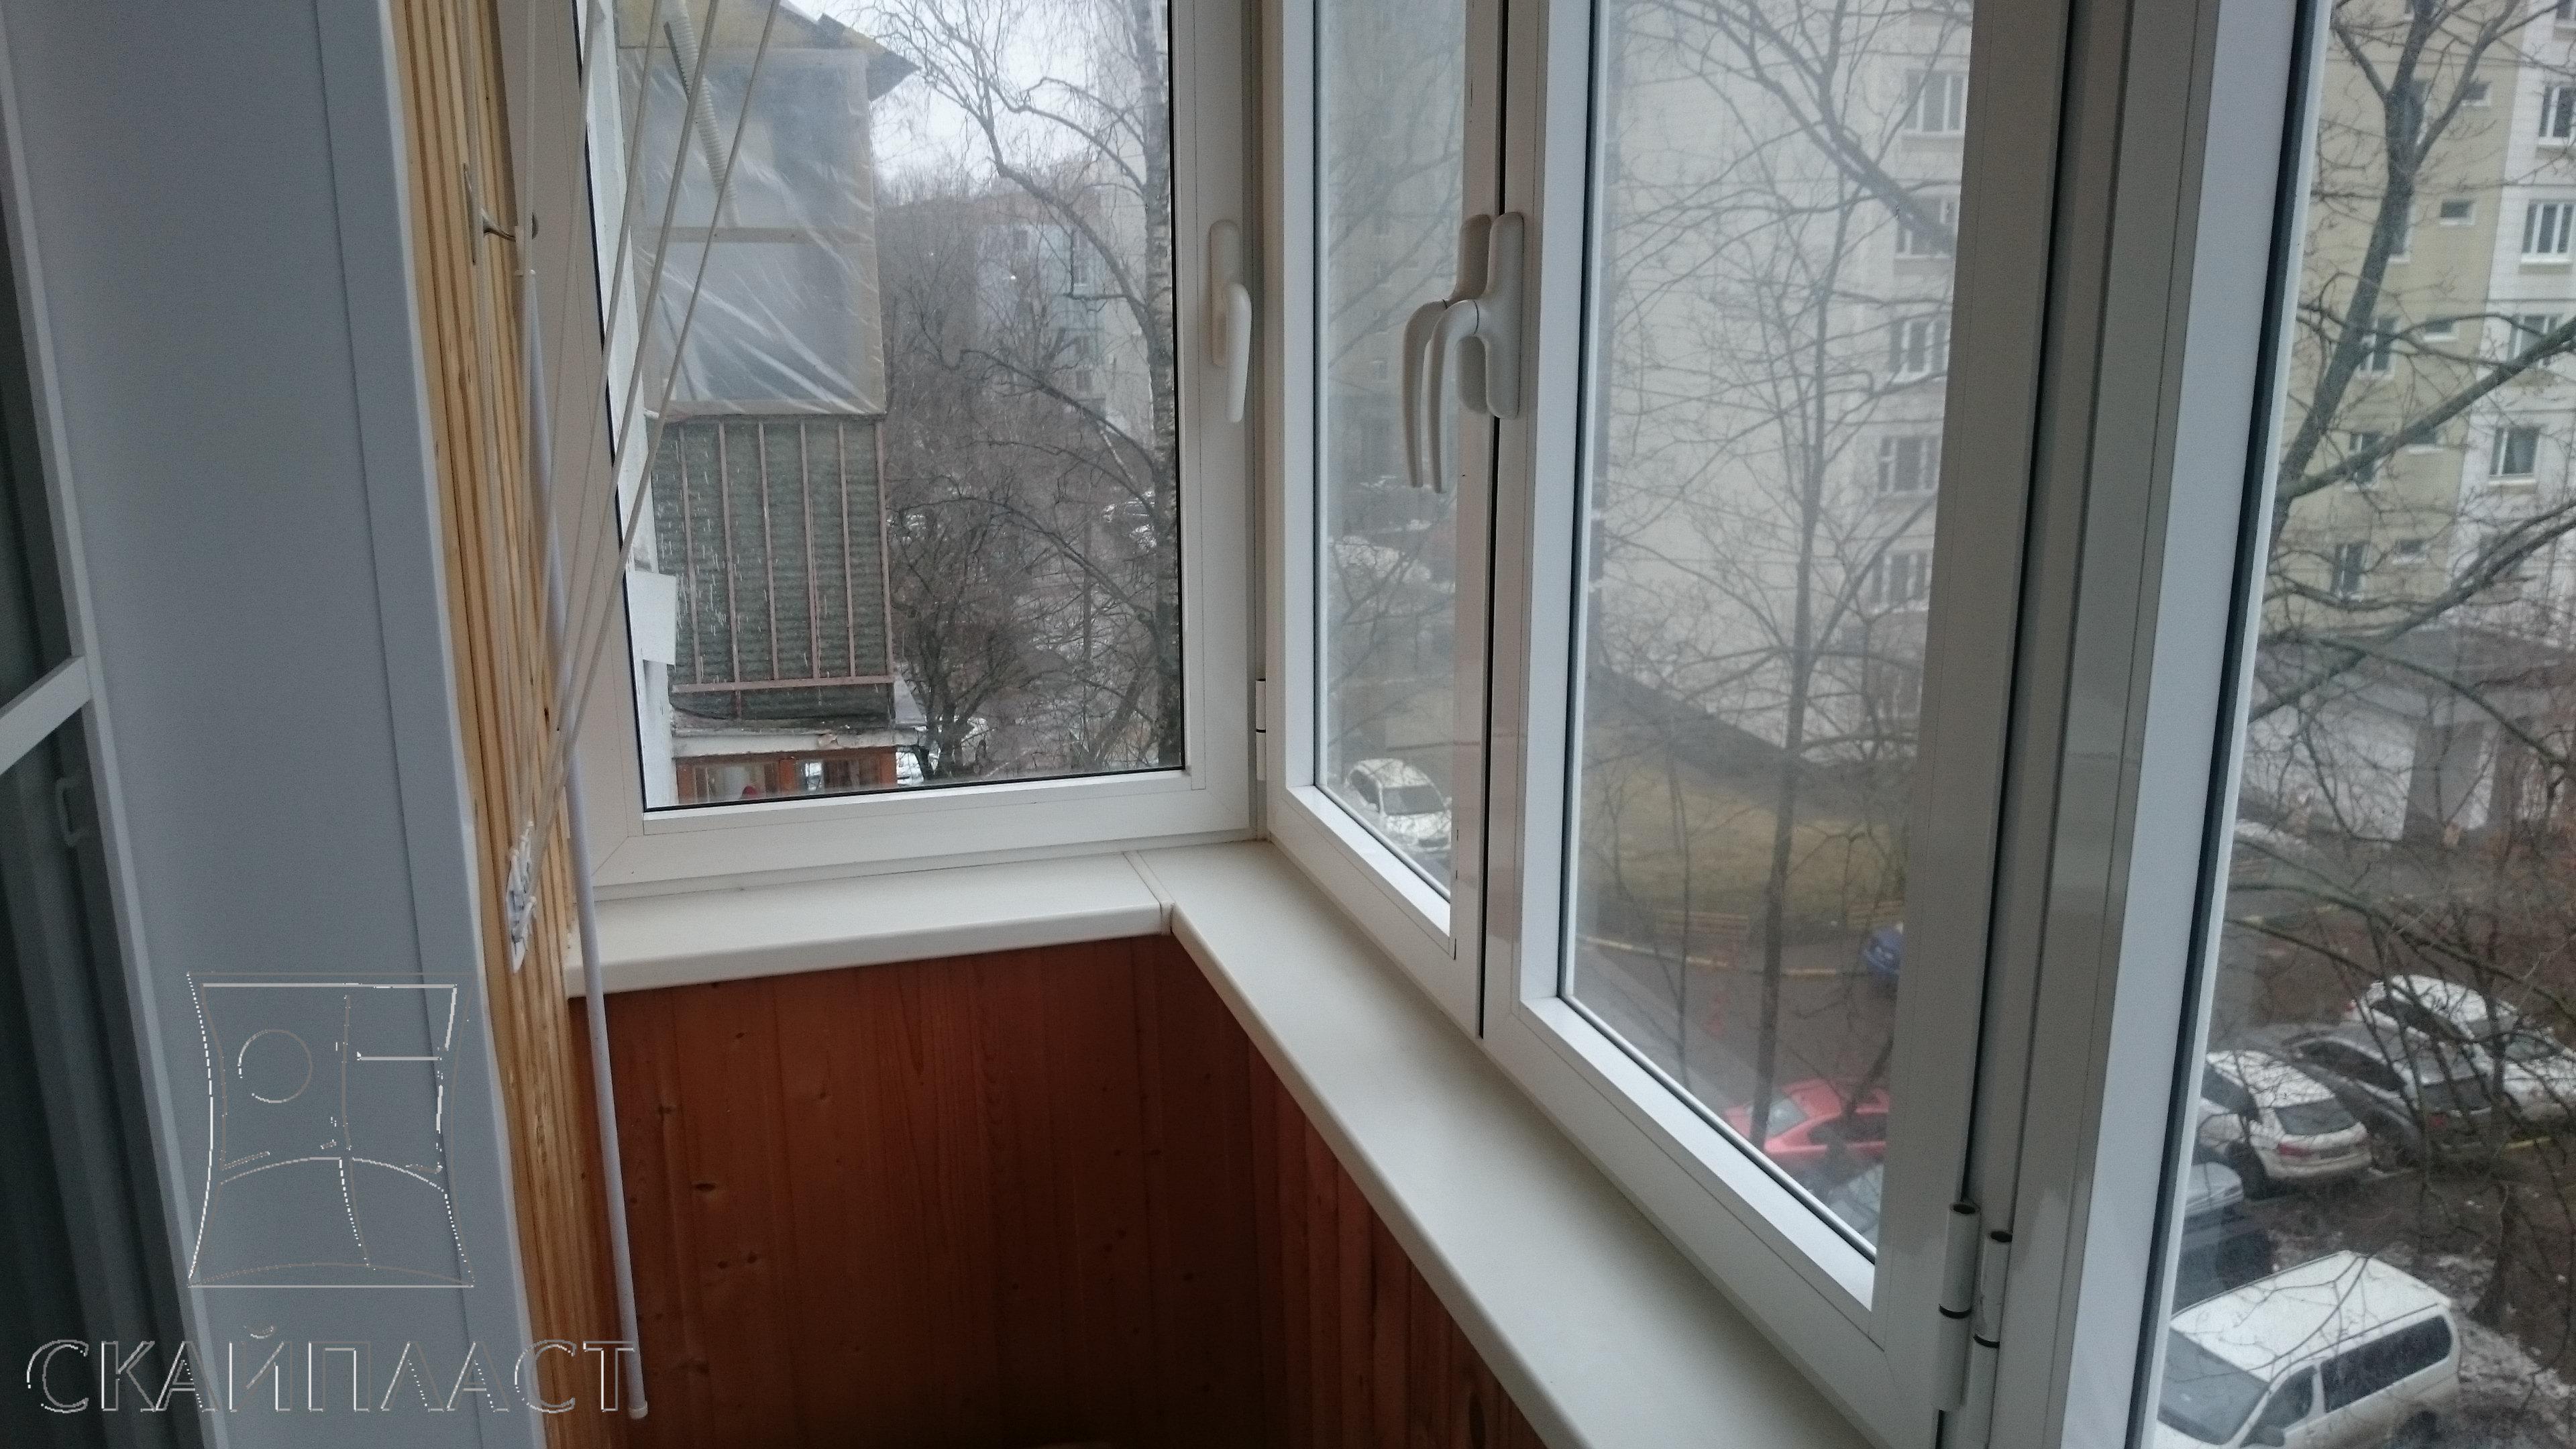 Наши работы - скайпласт пластиковые окна в железнодорожном.